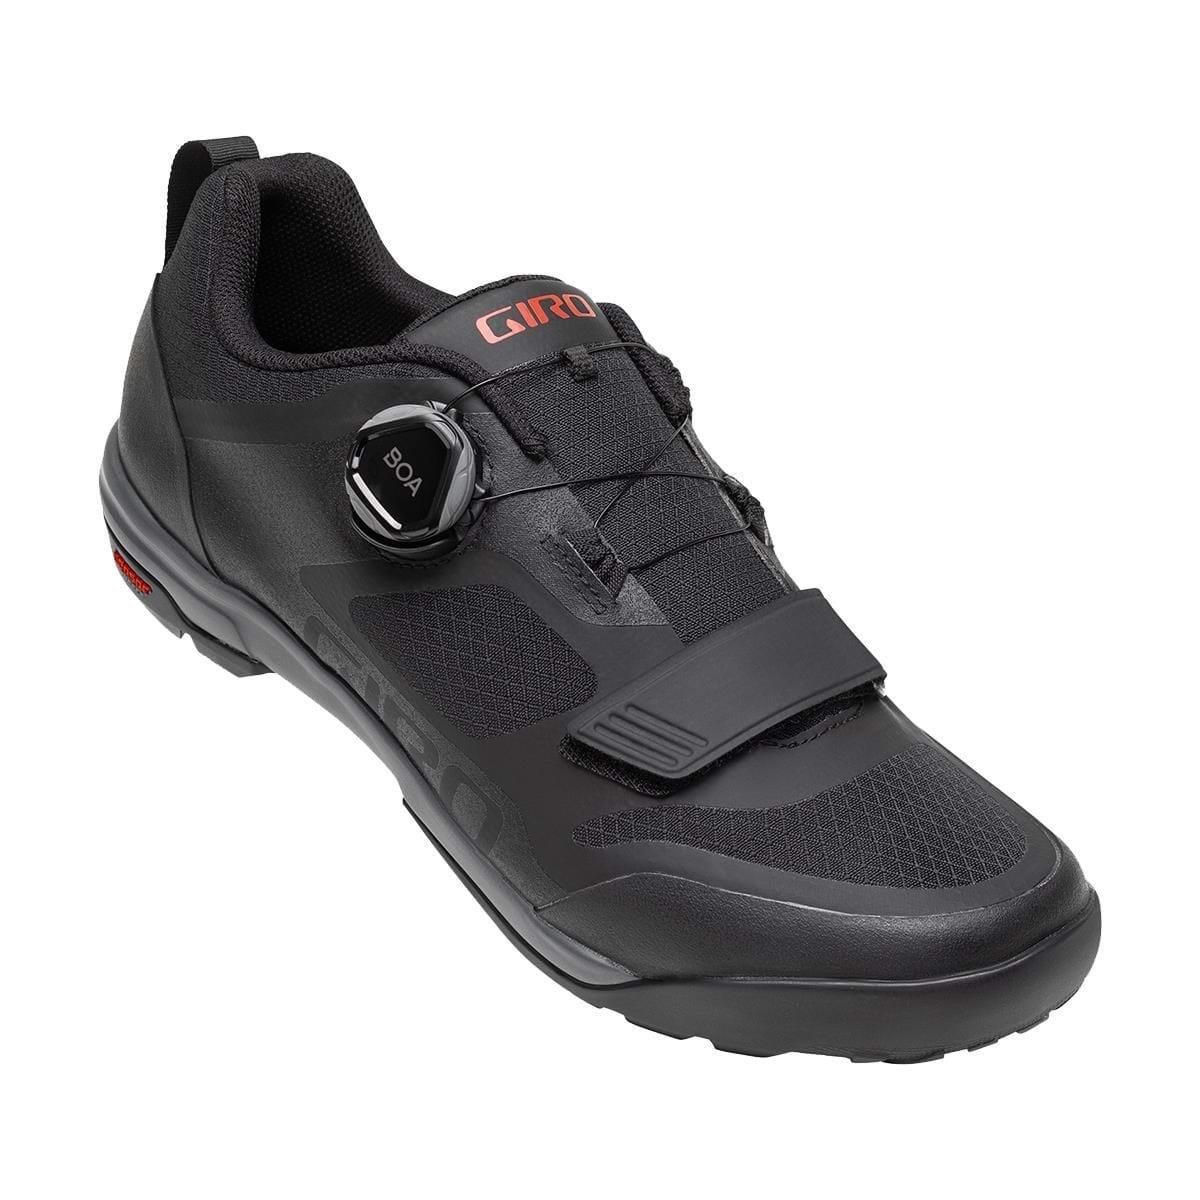 Ventana MTB Cycling Shoes